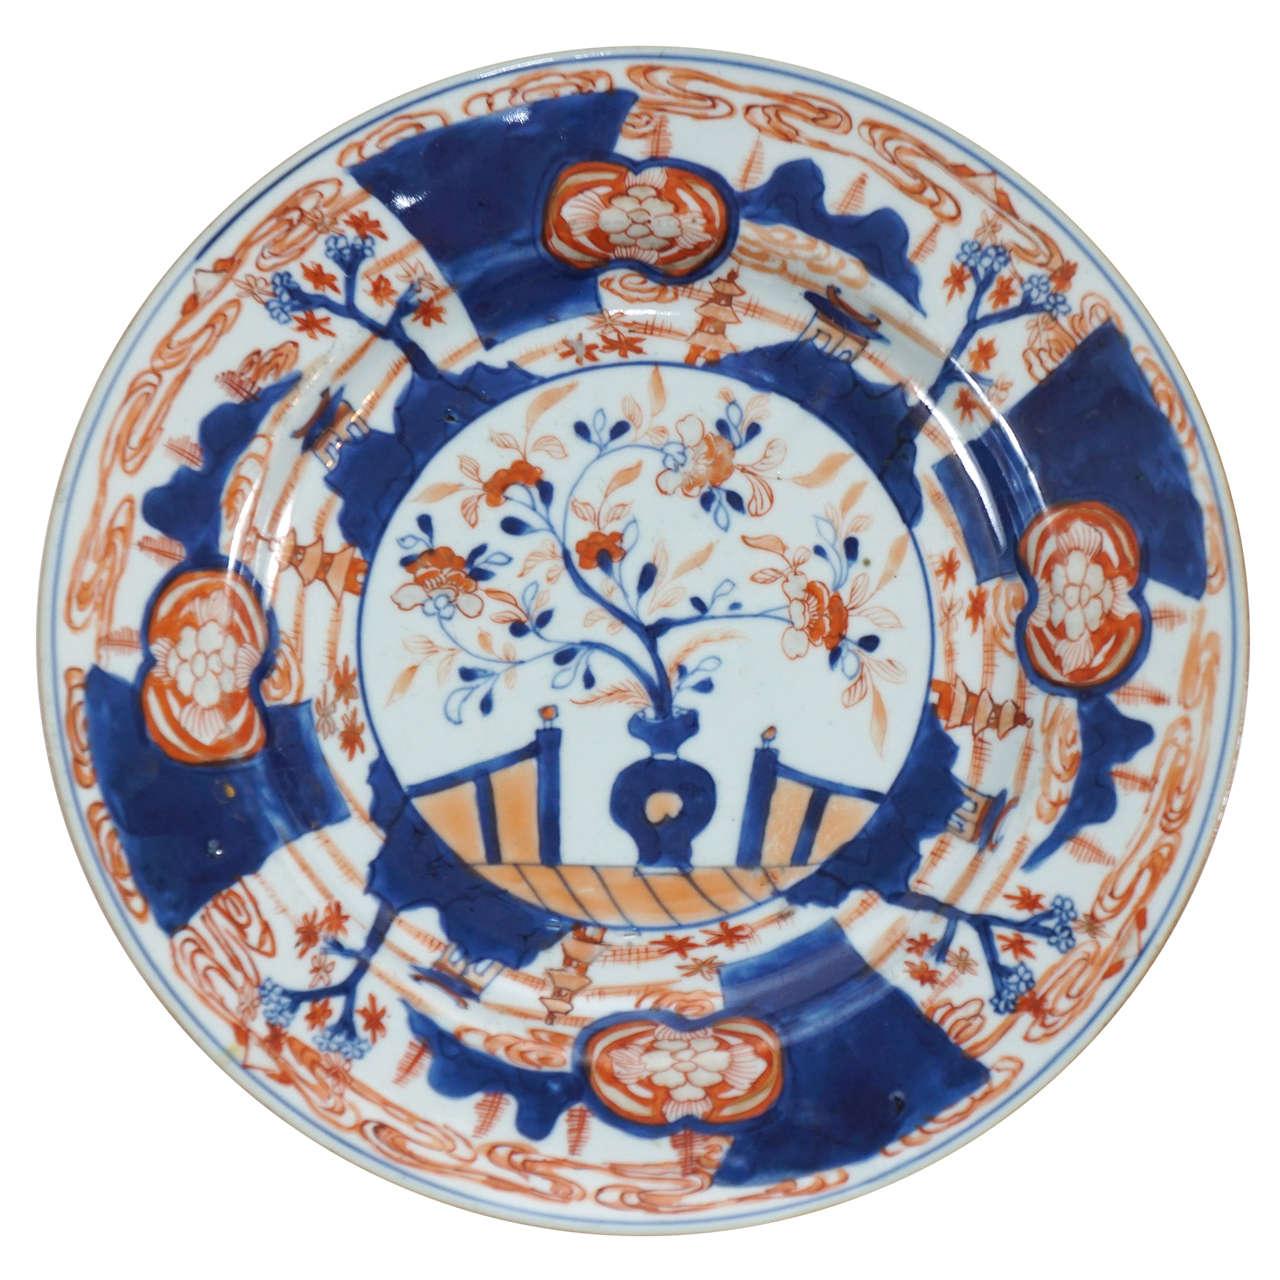 Dating imari porcelain